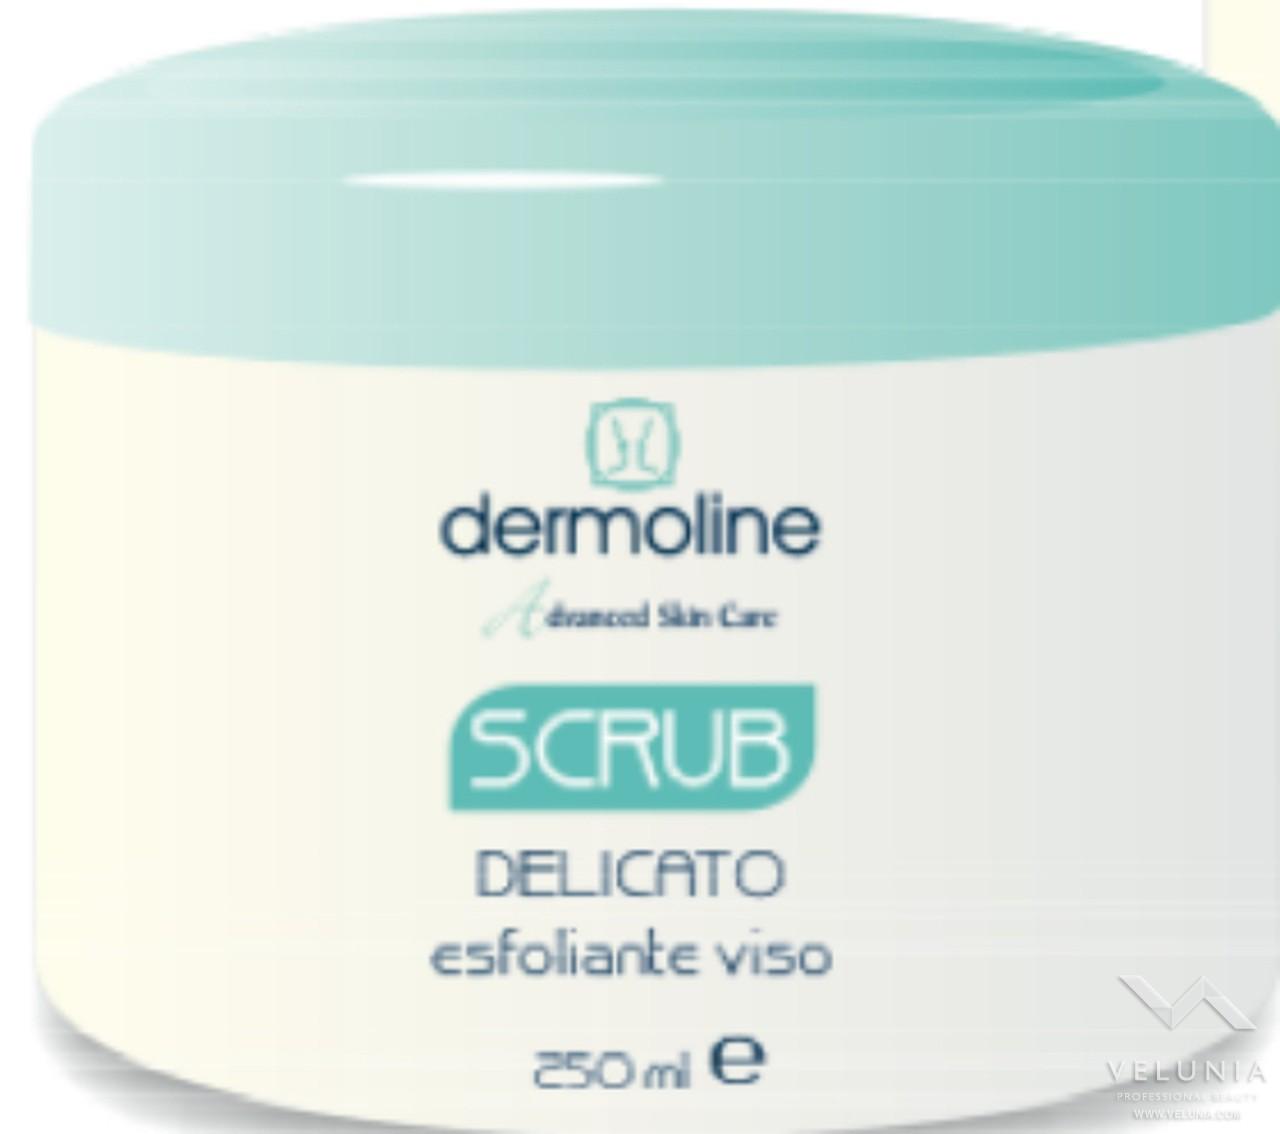 scrub delicato esfoliante viso 250ml a solo uso professionale 1